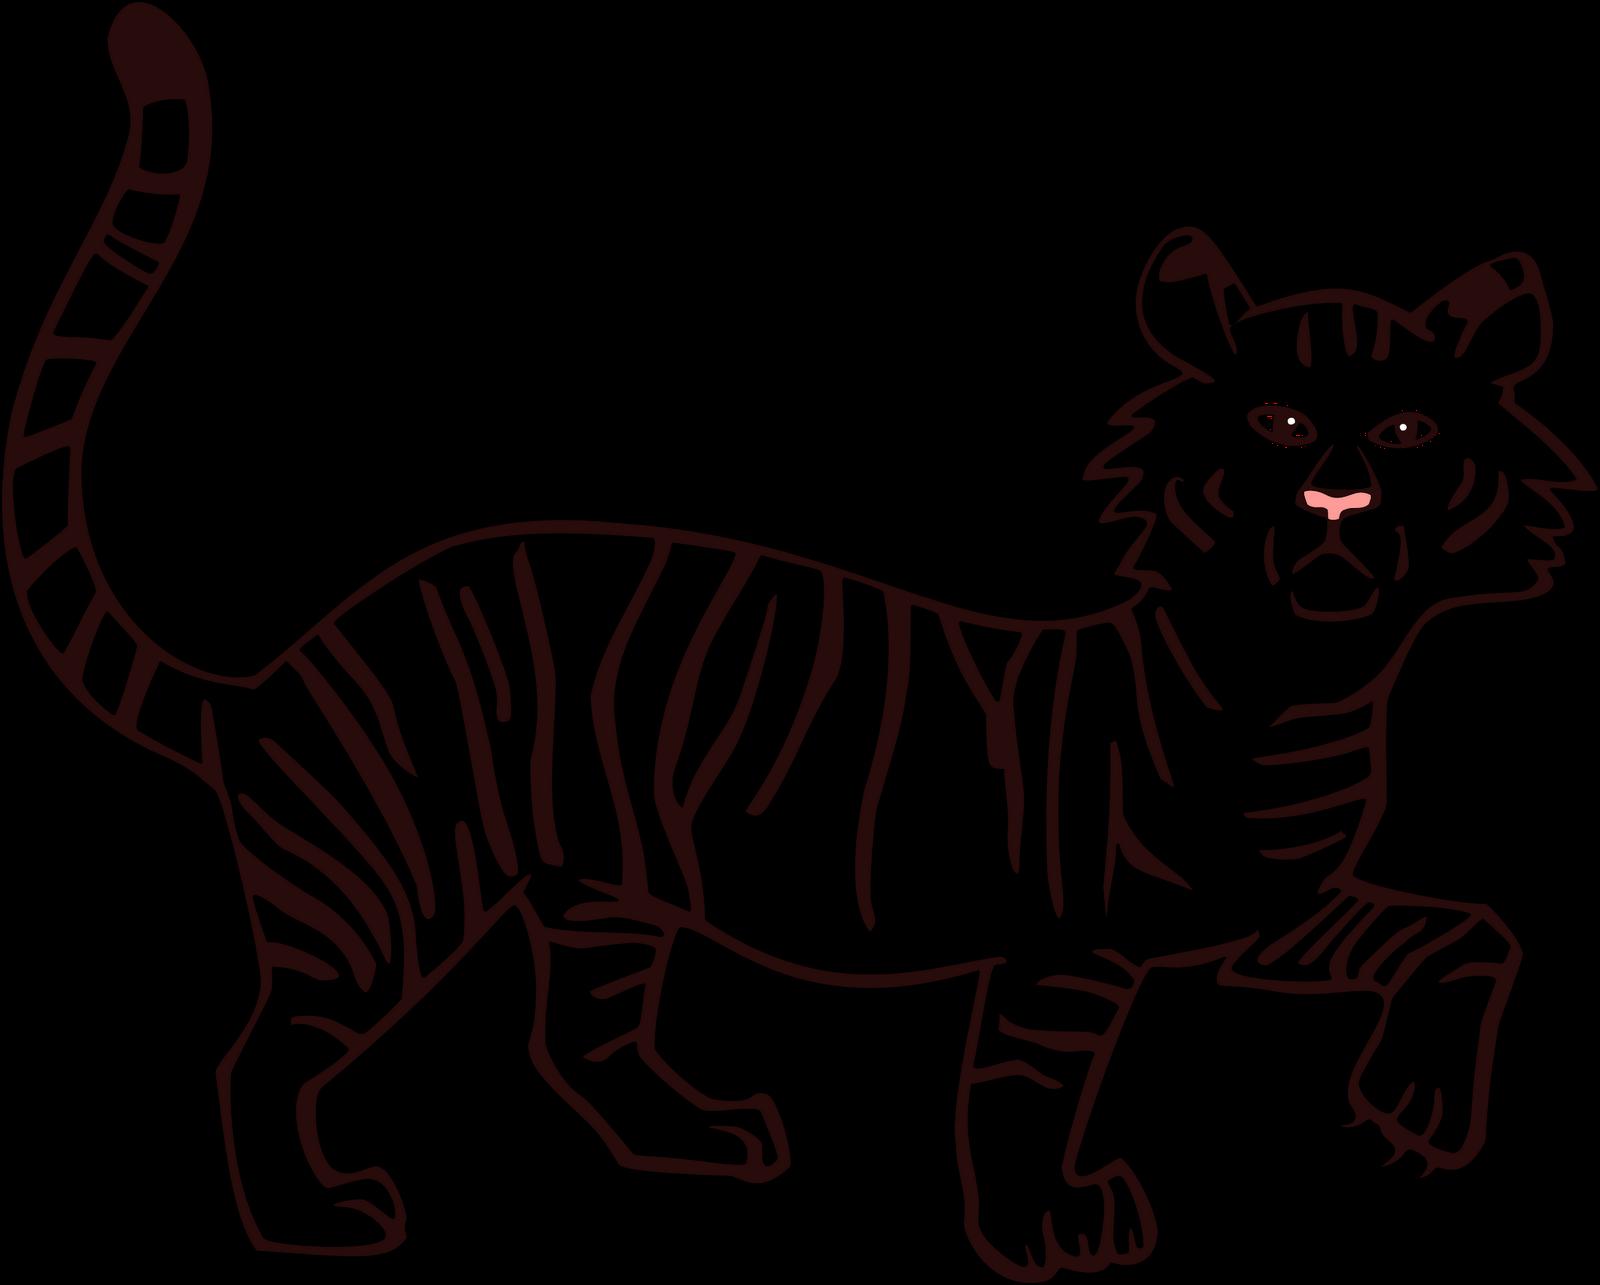 tiger outline free